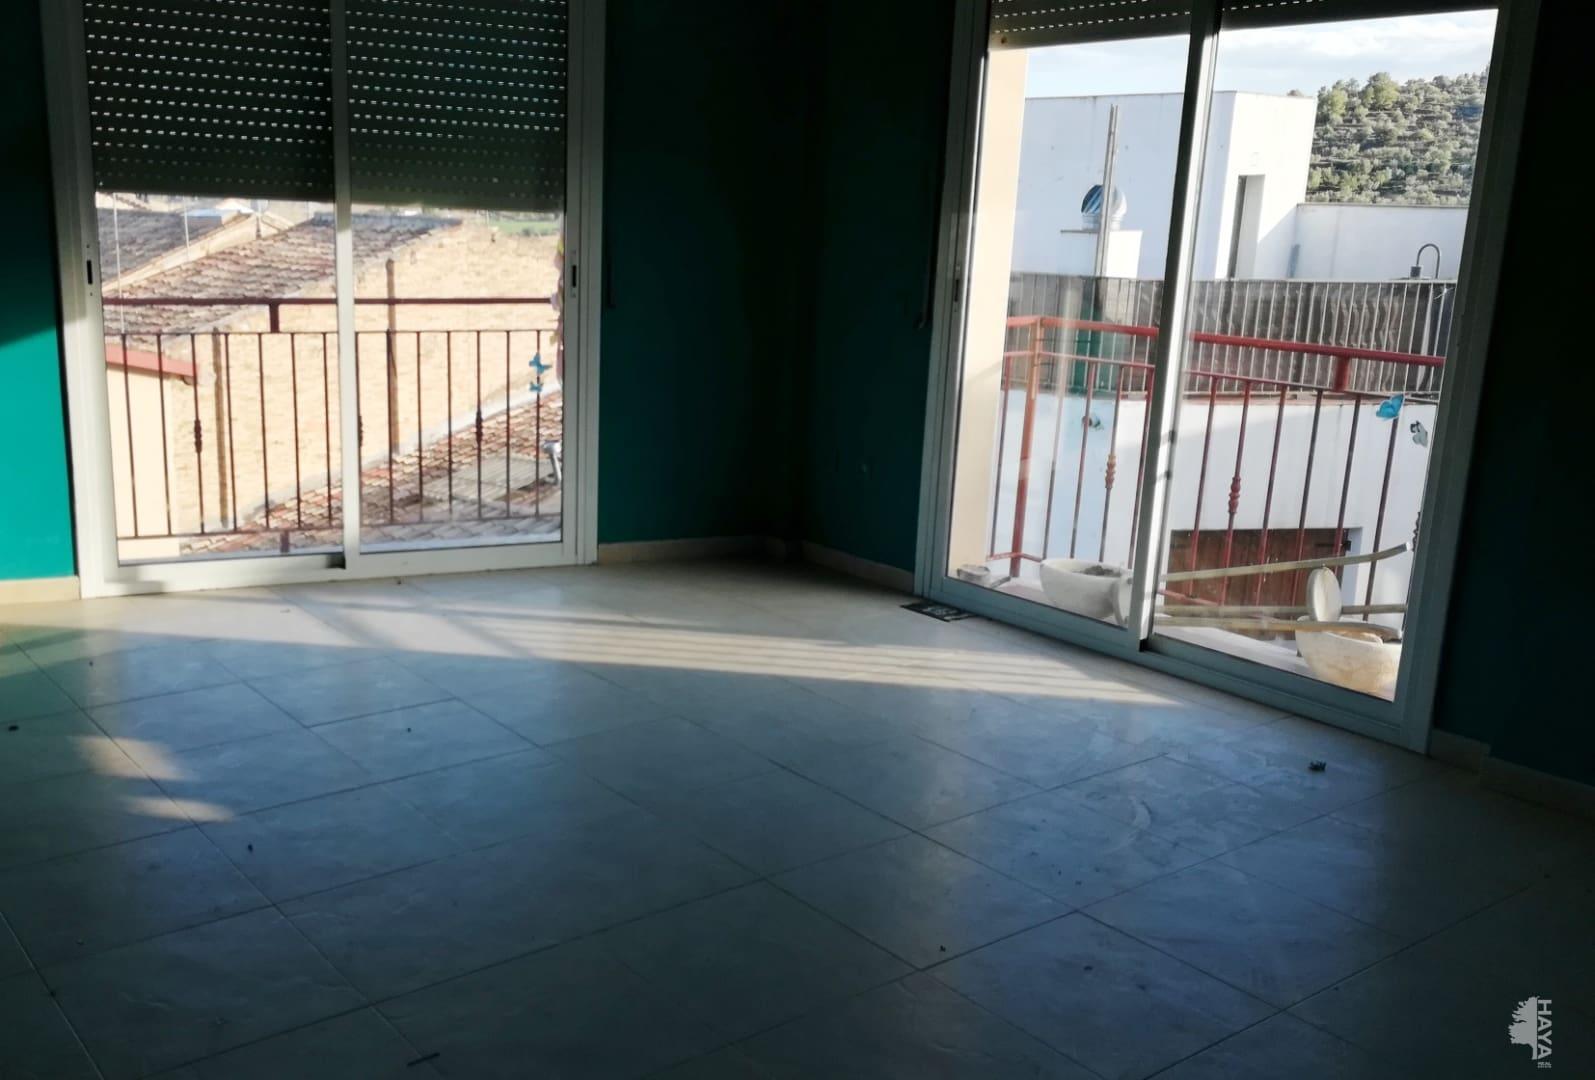 Piso en venta en Piso en Torrelles de Foix, Barcelona, 90.724 €, 3 habitaciones, 1 baño, 96 m2